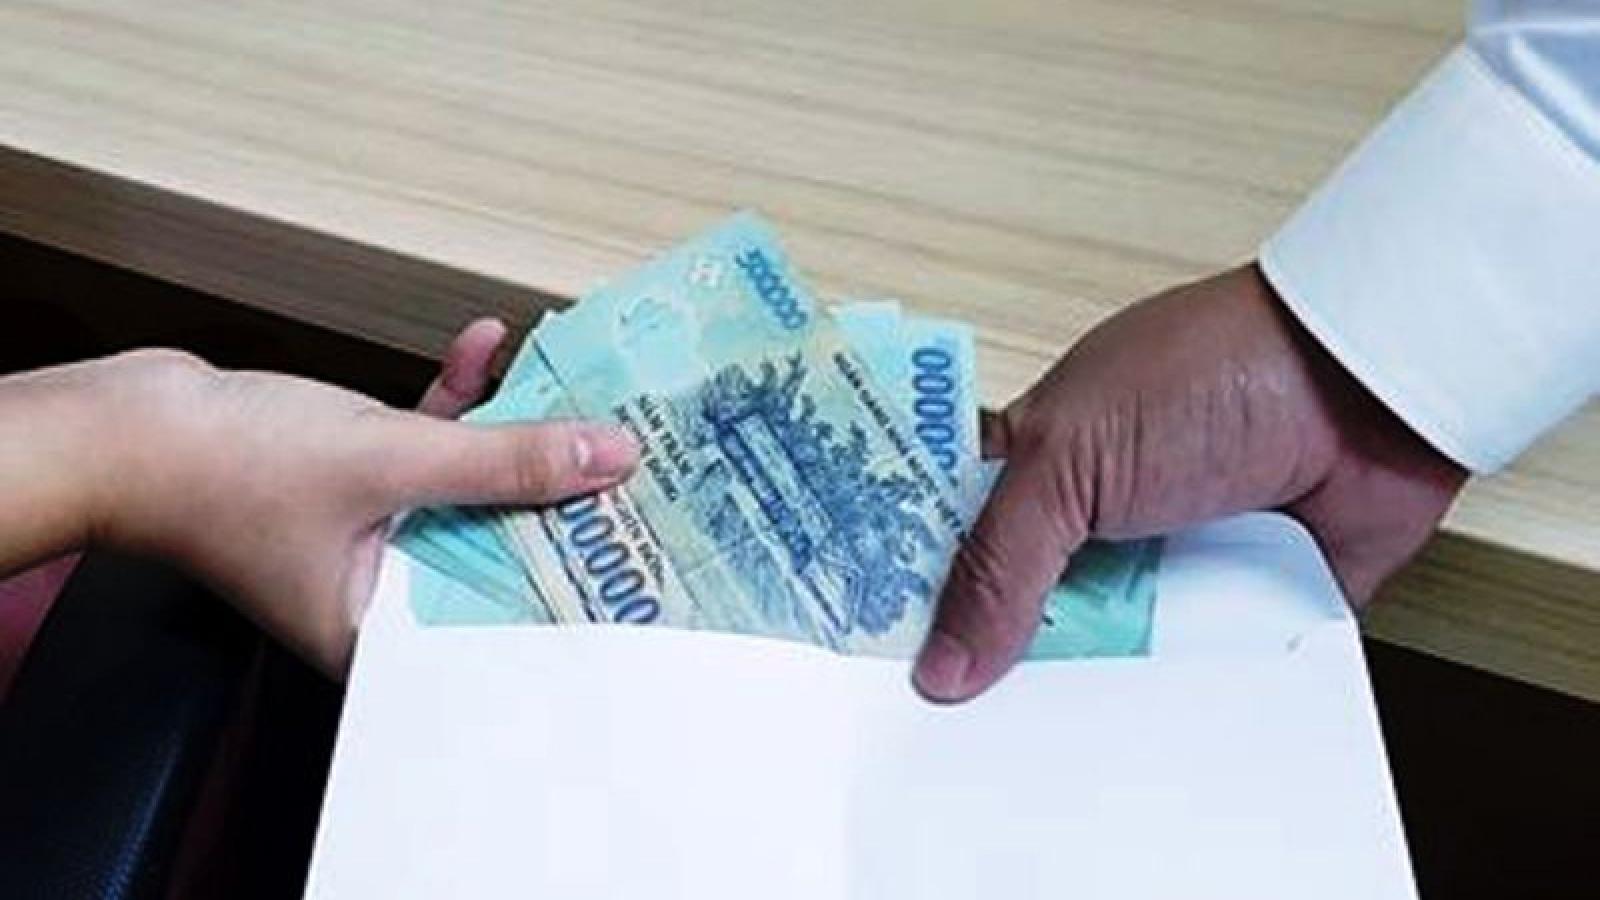 Một thiếu úy công an ở Bình Dương bị bắt vì nhận hối lộ